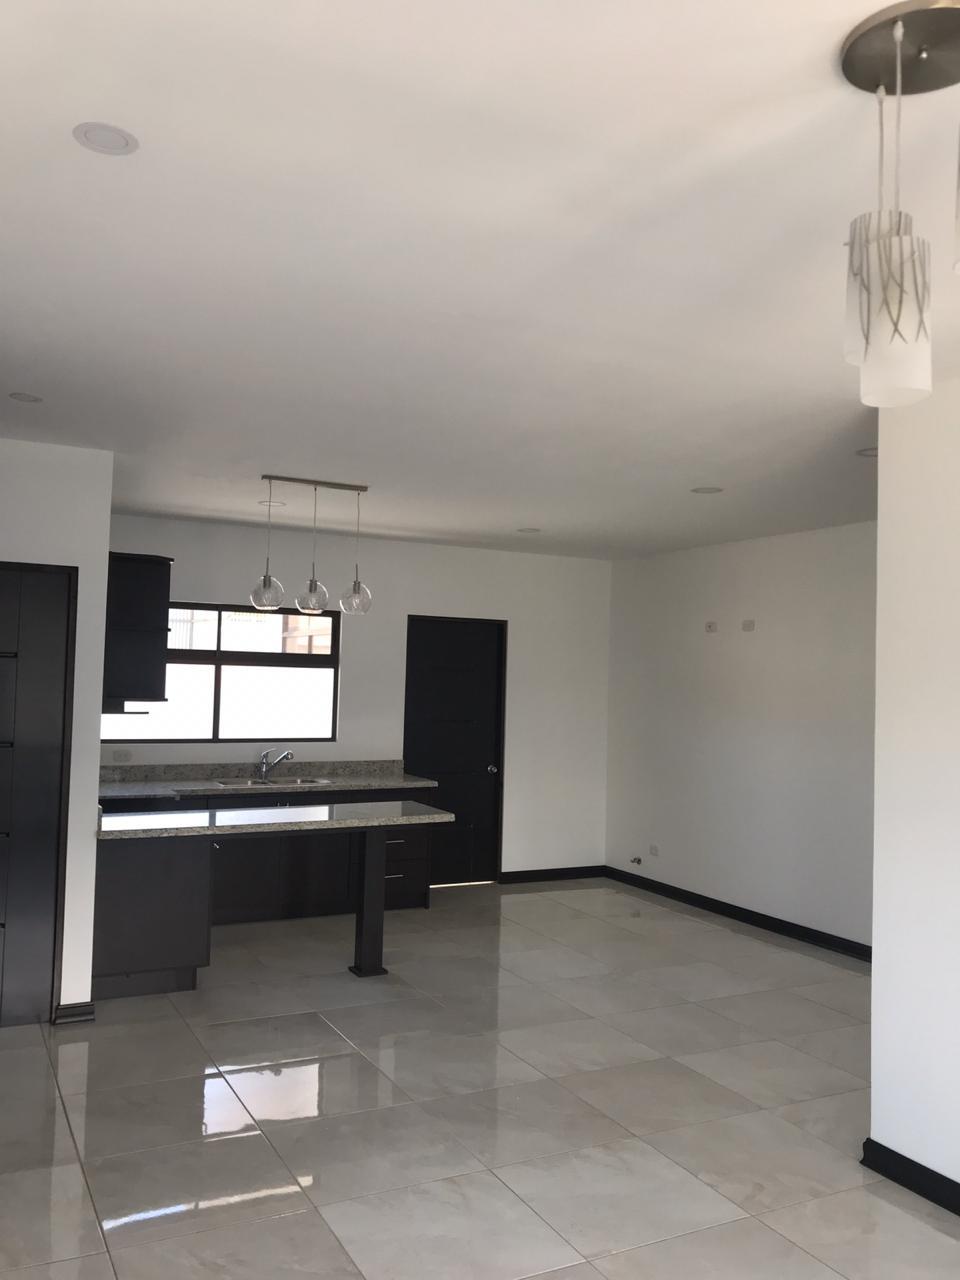 #2214 Alquilo bello apartamento en segunda planta en Escazú